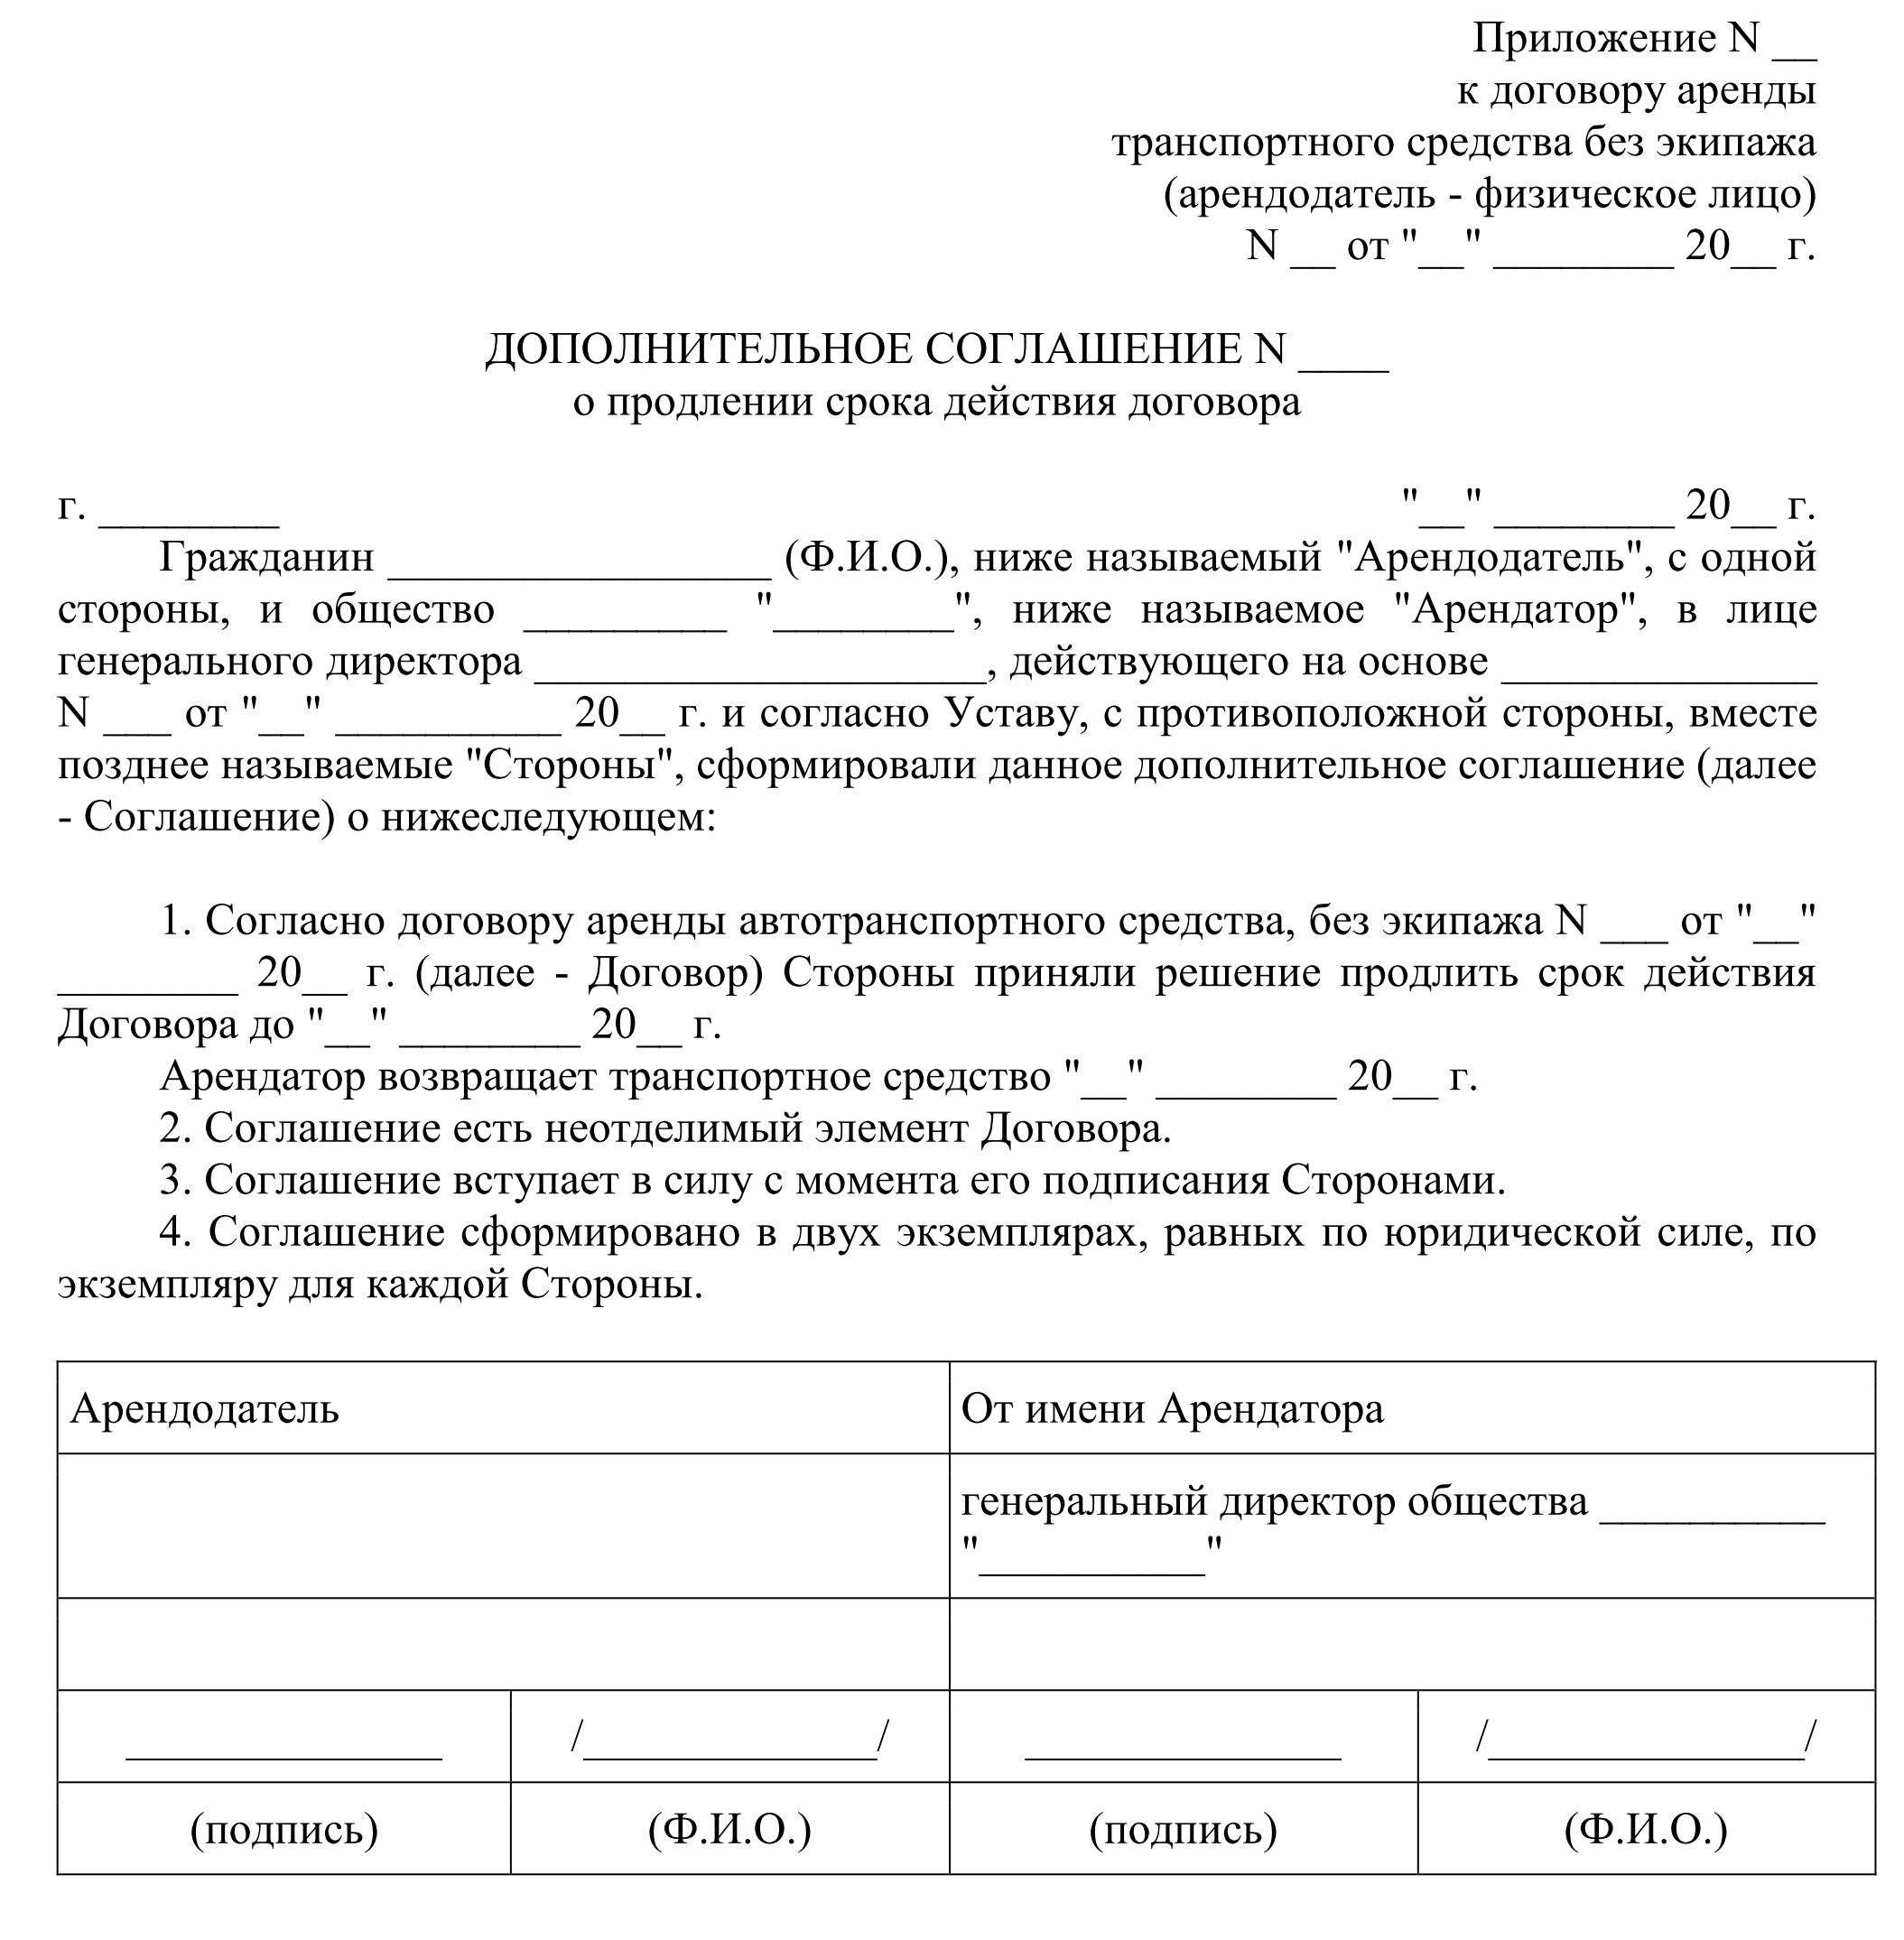 Закон о социальных выплатах в россии